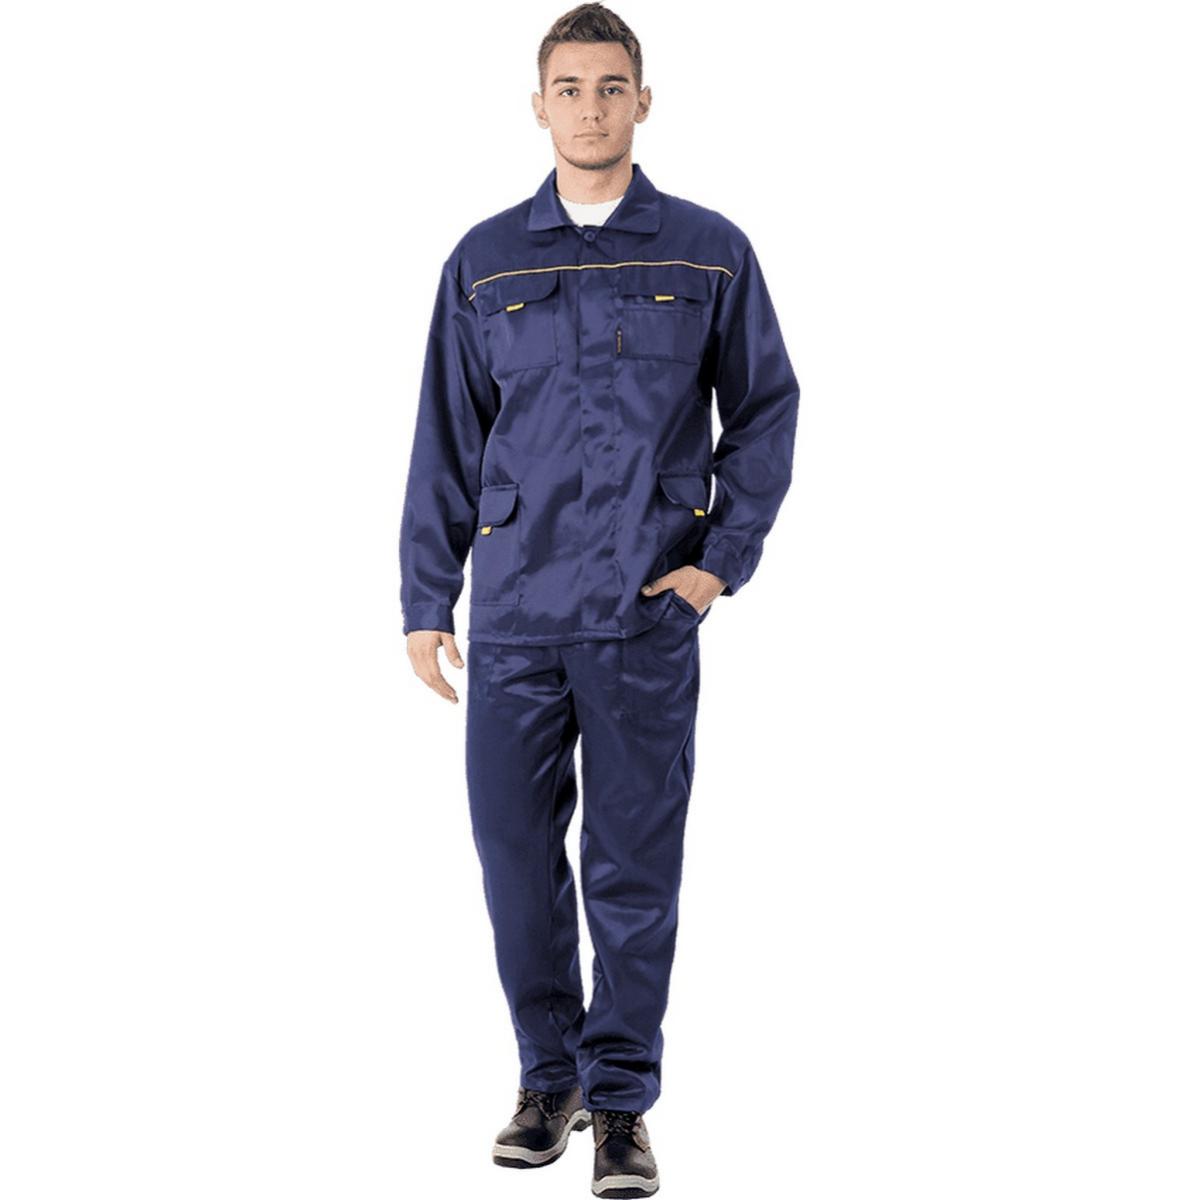 Костюм ВЫМПЕЛ-1 т/синий (куртка+брюки)  (разм. 96-100 рост 170-176)